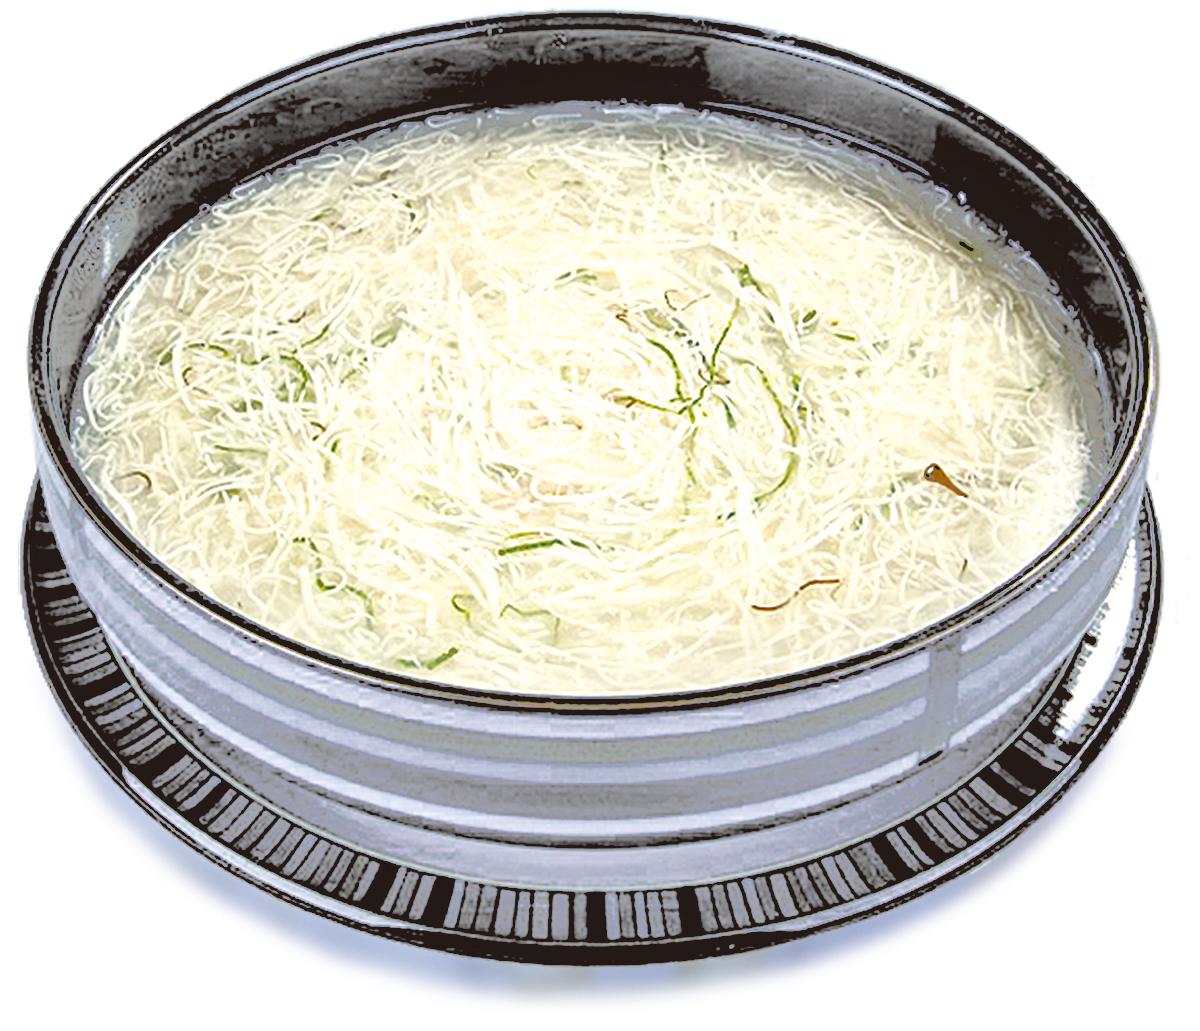 著名的「文思豆腐」是由清代揚州天寧寺文思和尚所創製。